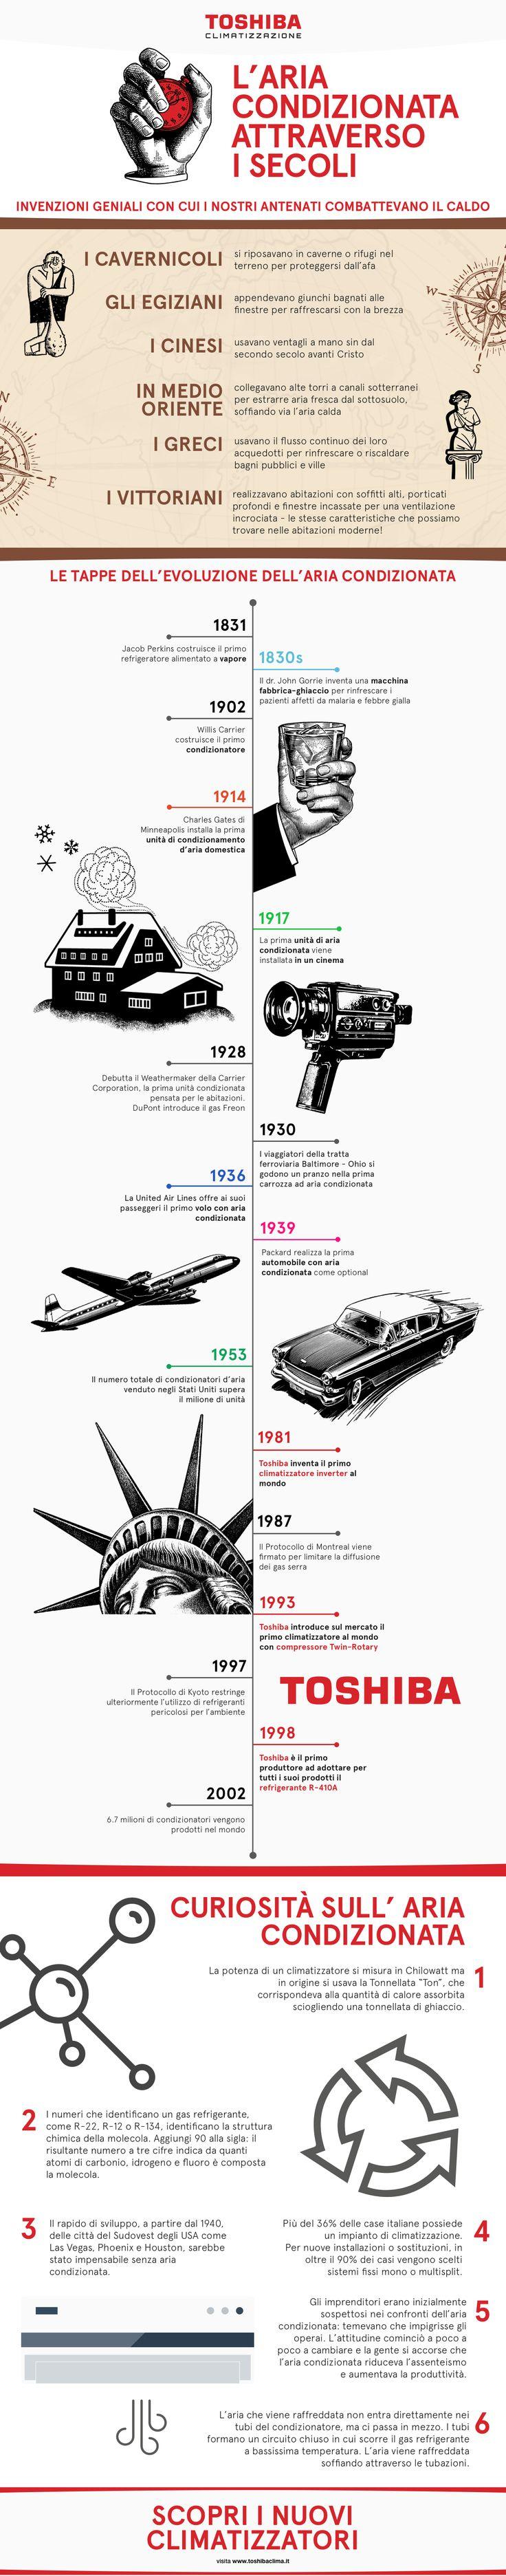 L'aria condizionata attraverso i secoli